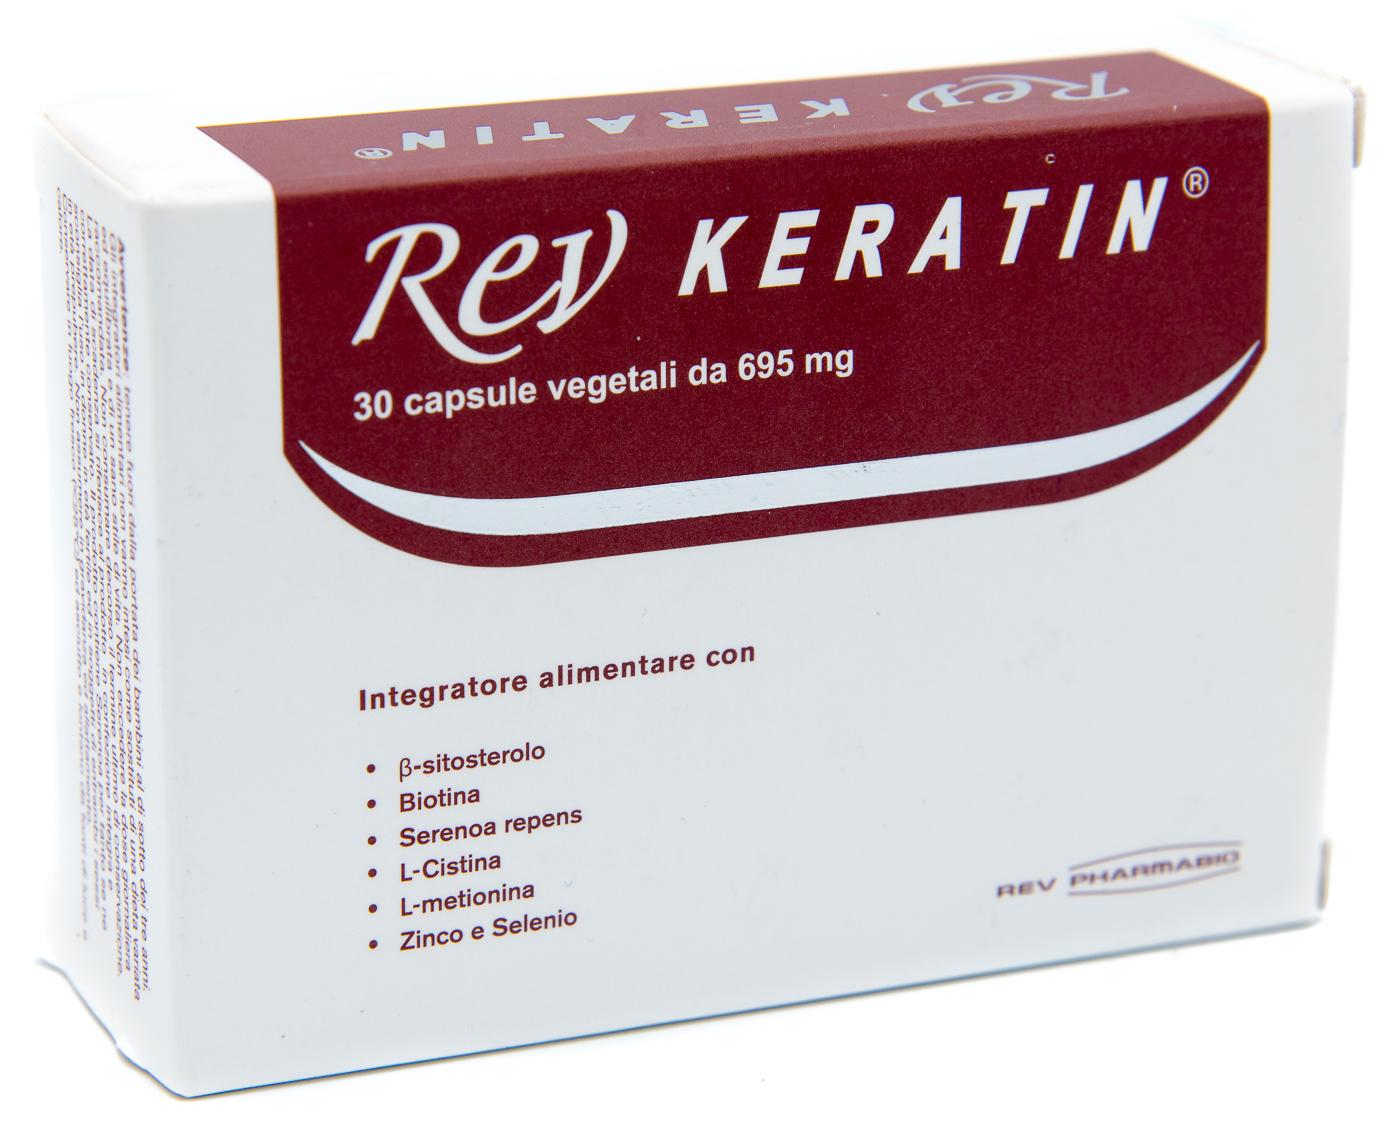 REV PHARMABIO Srl Rev Keratin 30cps